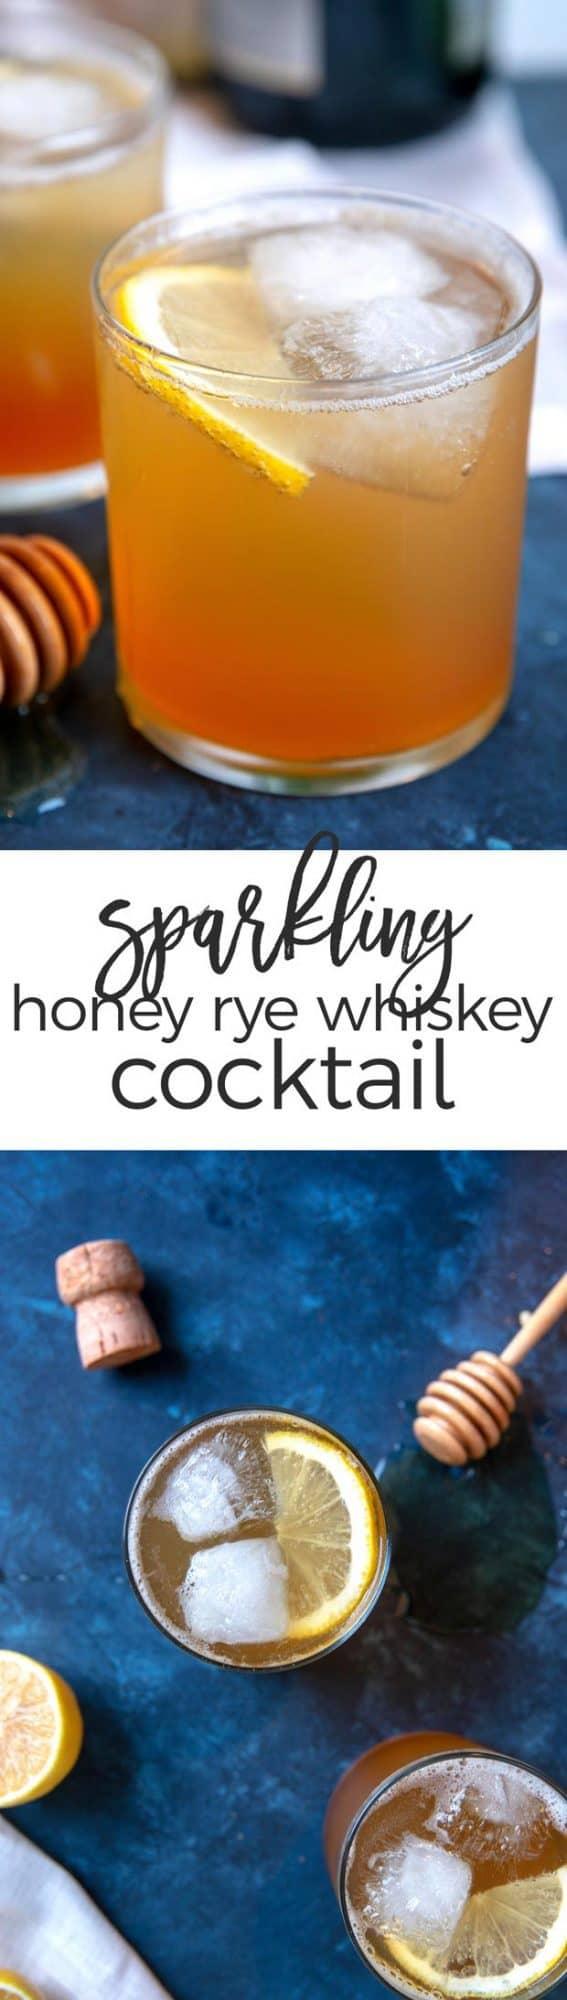 sparkling honey rye whiskey cocktail pin